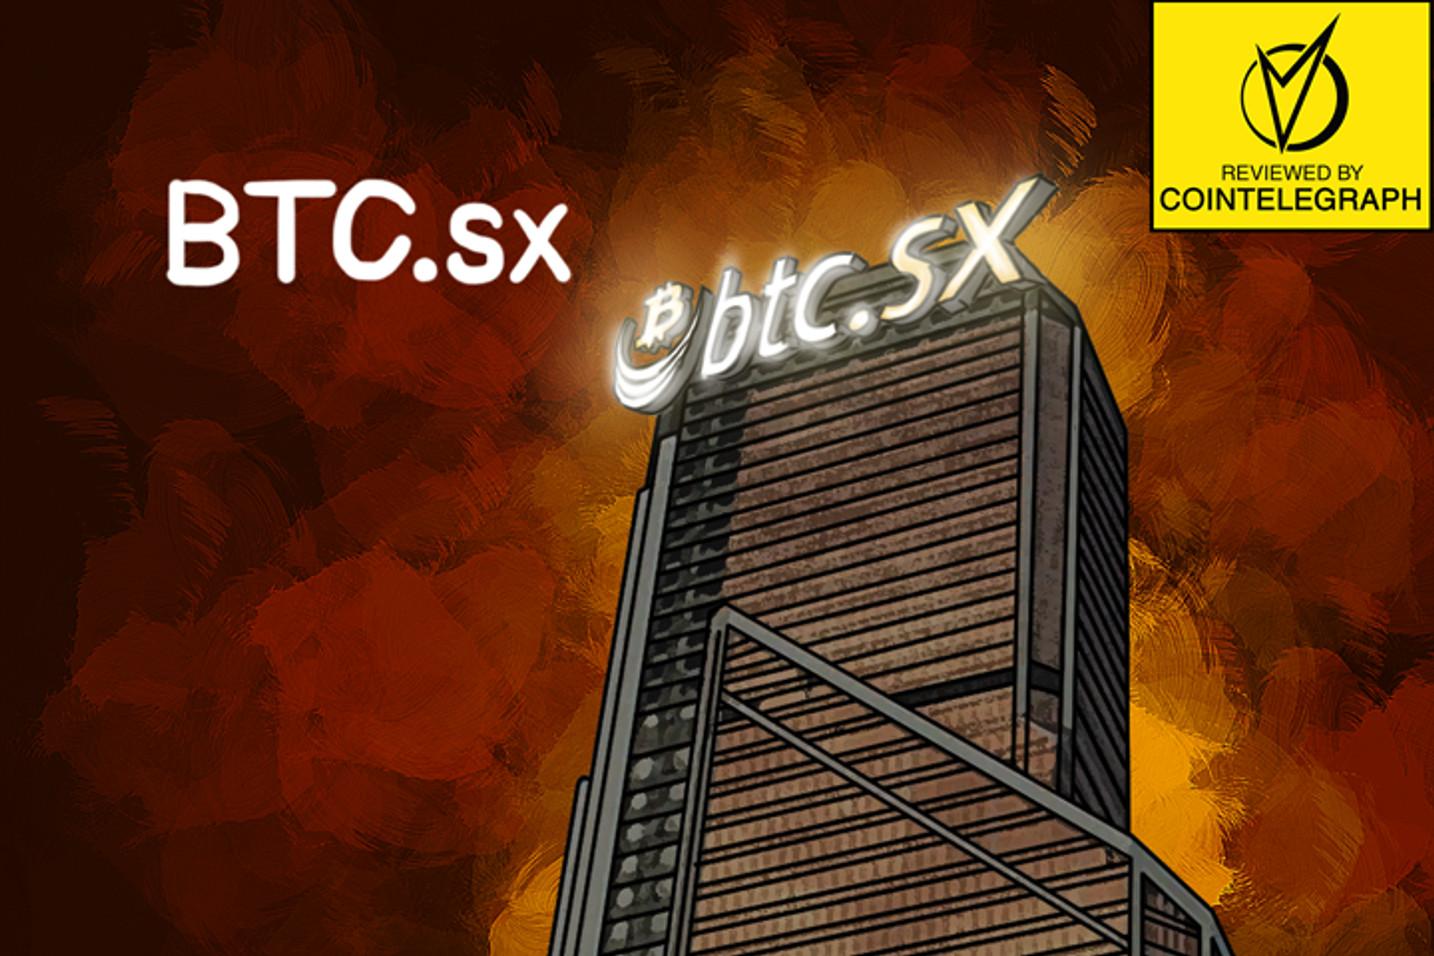 BTC.sx